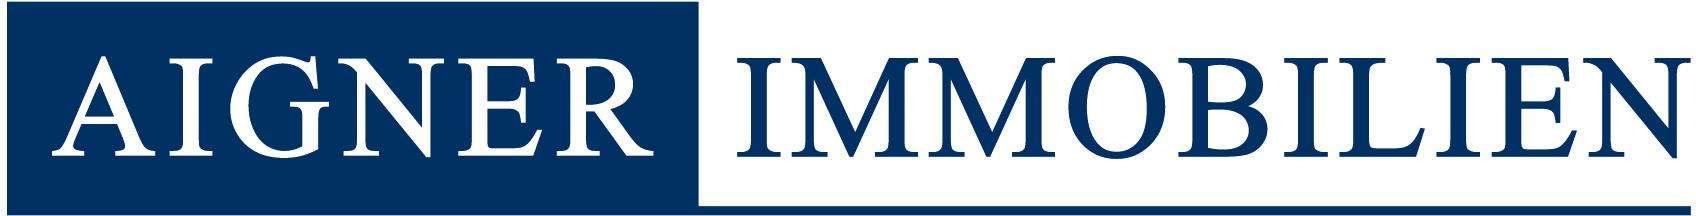 Makler Aigner Immobilien GmbH logo